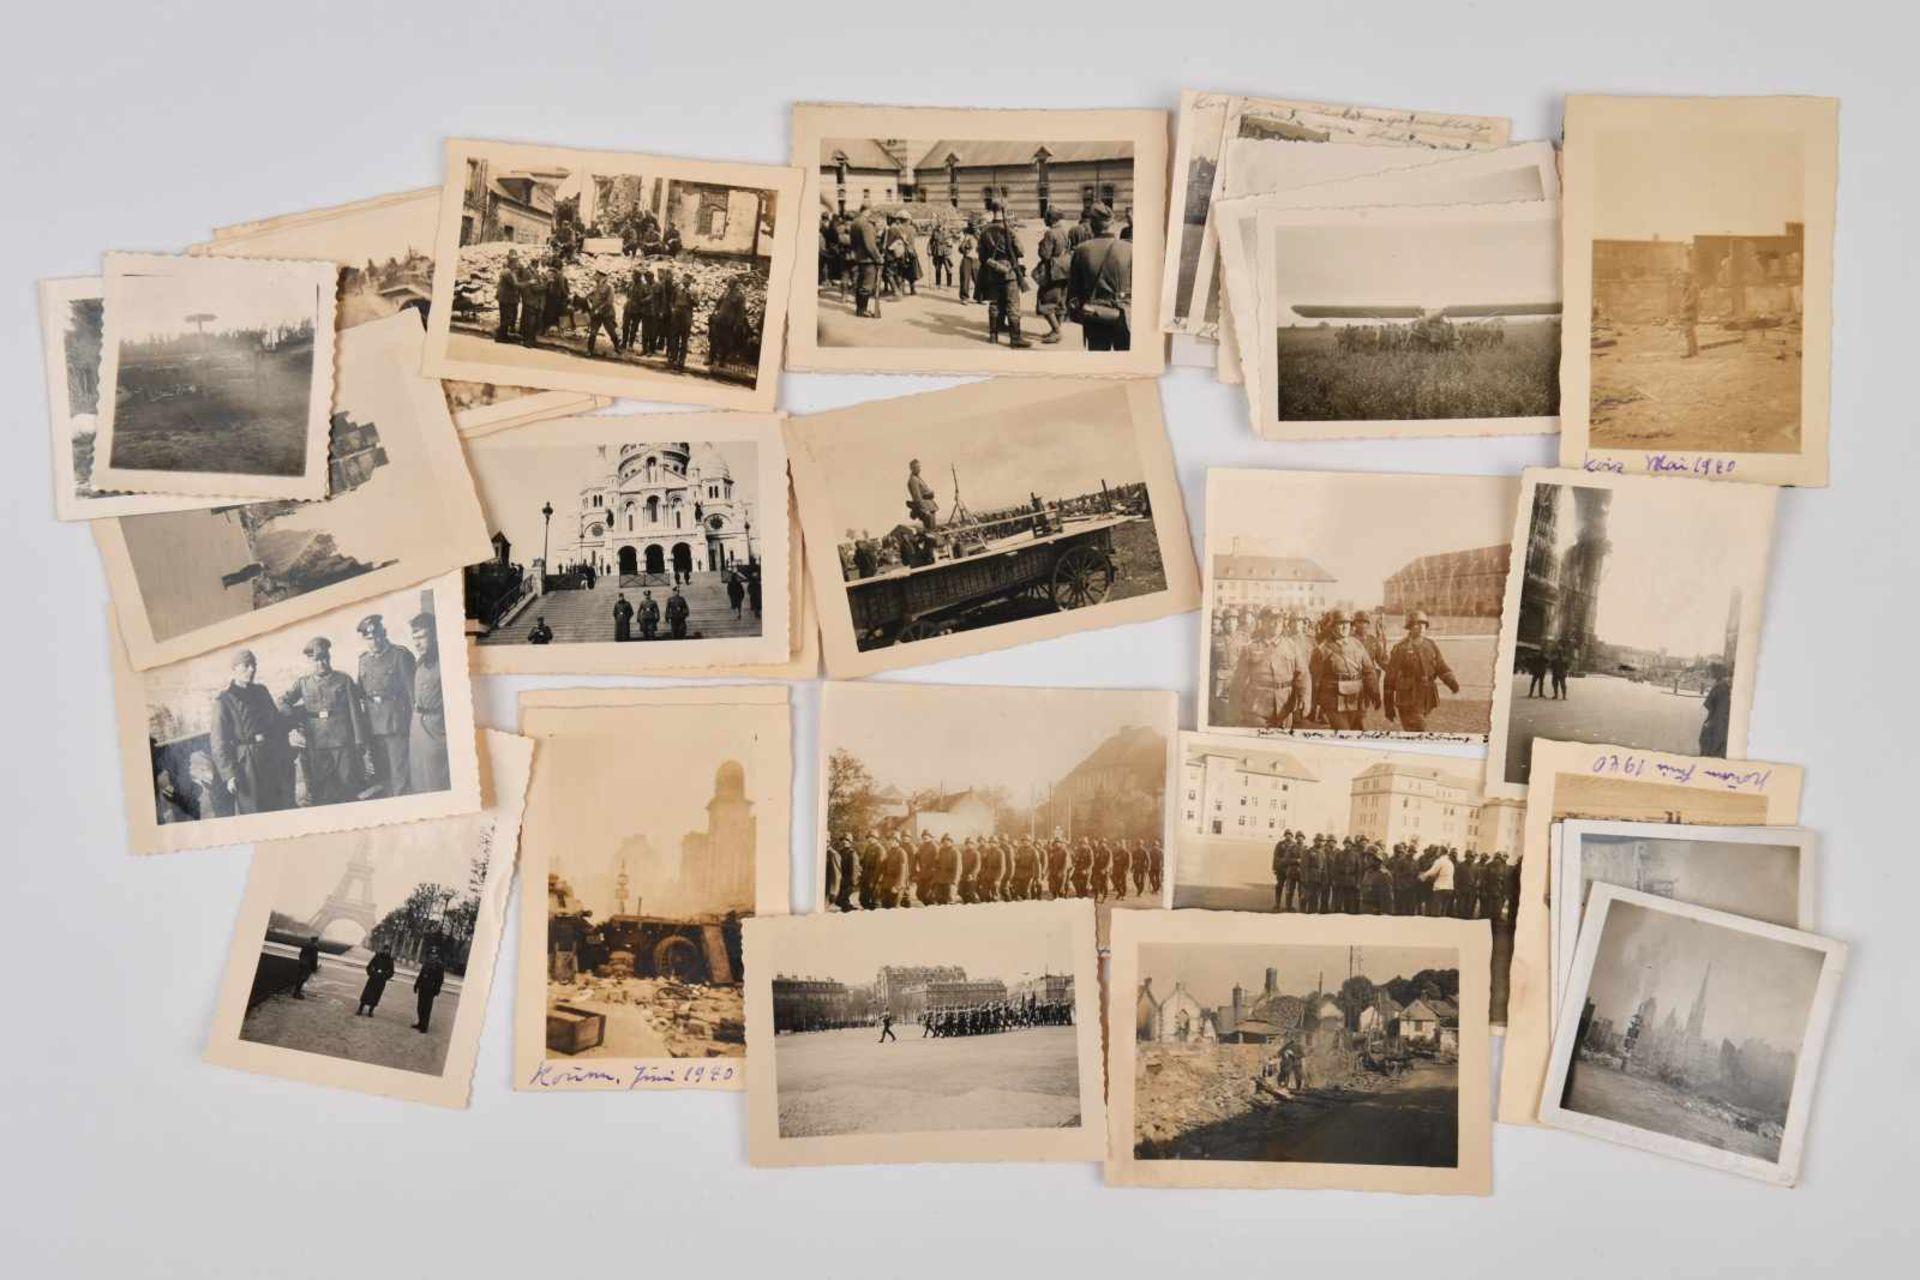 Ensemble de photos concernant la France occupée comprenant 36 photos de l'occupation allemande à